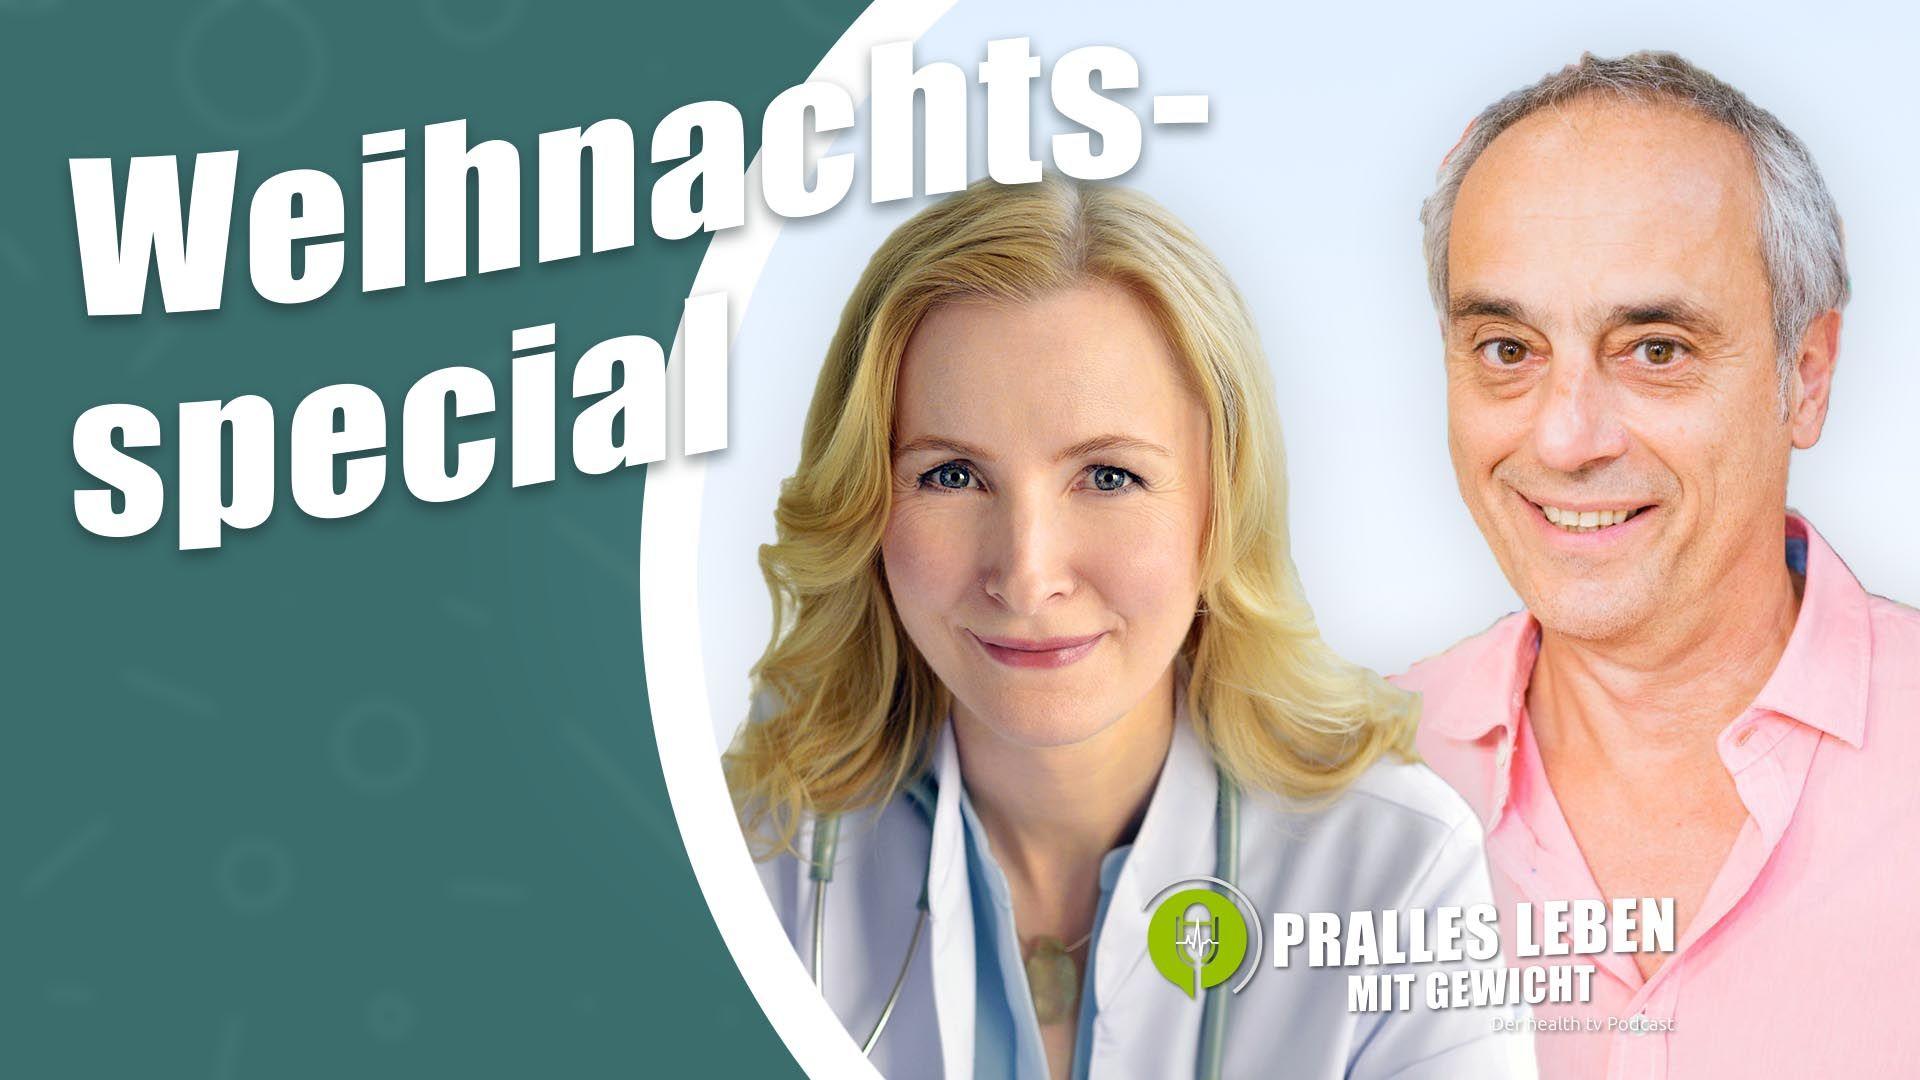 Weihnachtsspecial - mit Starkoch Christian Rach und Ernährungs-Doc Anne Fleck